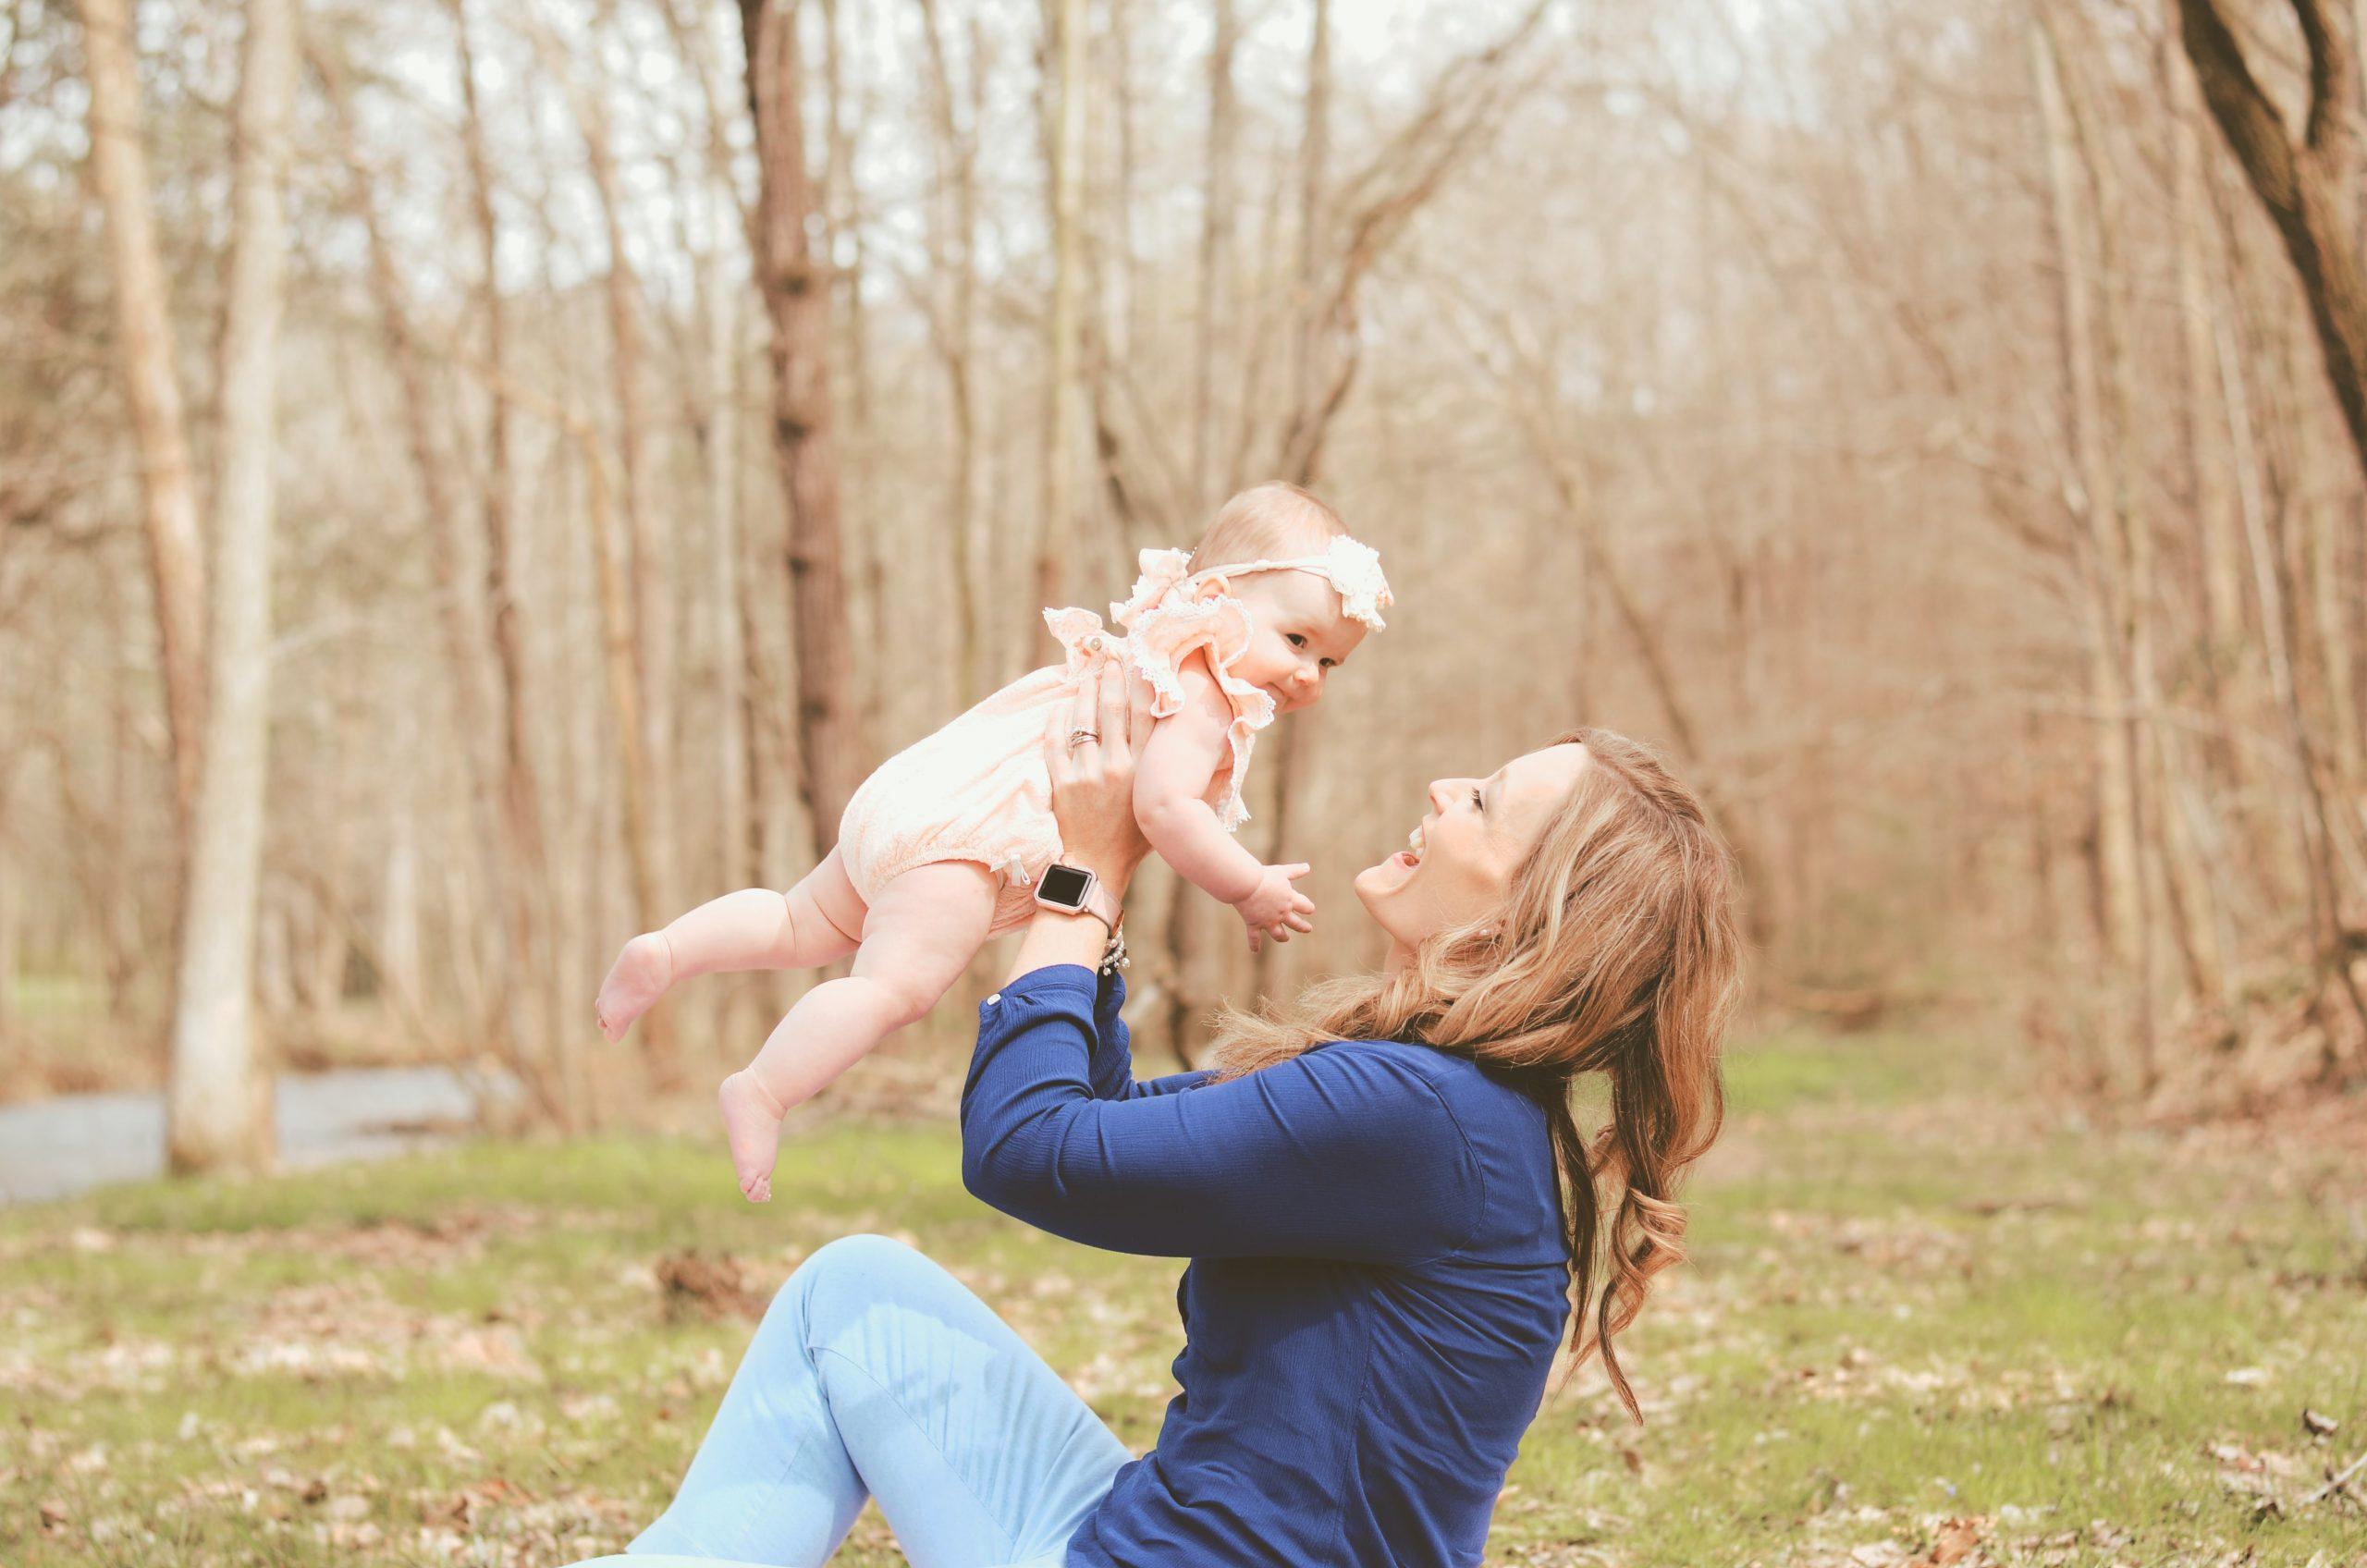 Mamele ar putea primi până la 2.000 de lei în primele trei luni de la naștere. Ce condiții trebuie să îndeplinească pentru acest stimulent